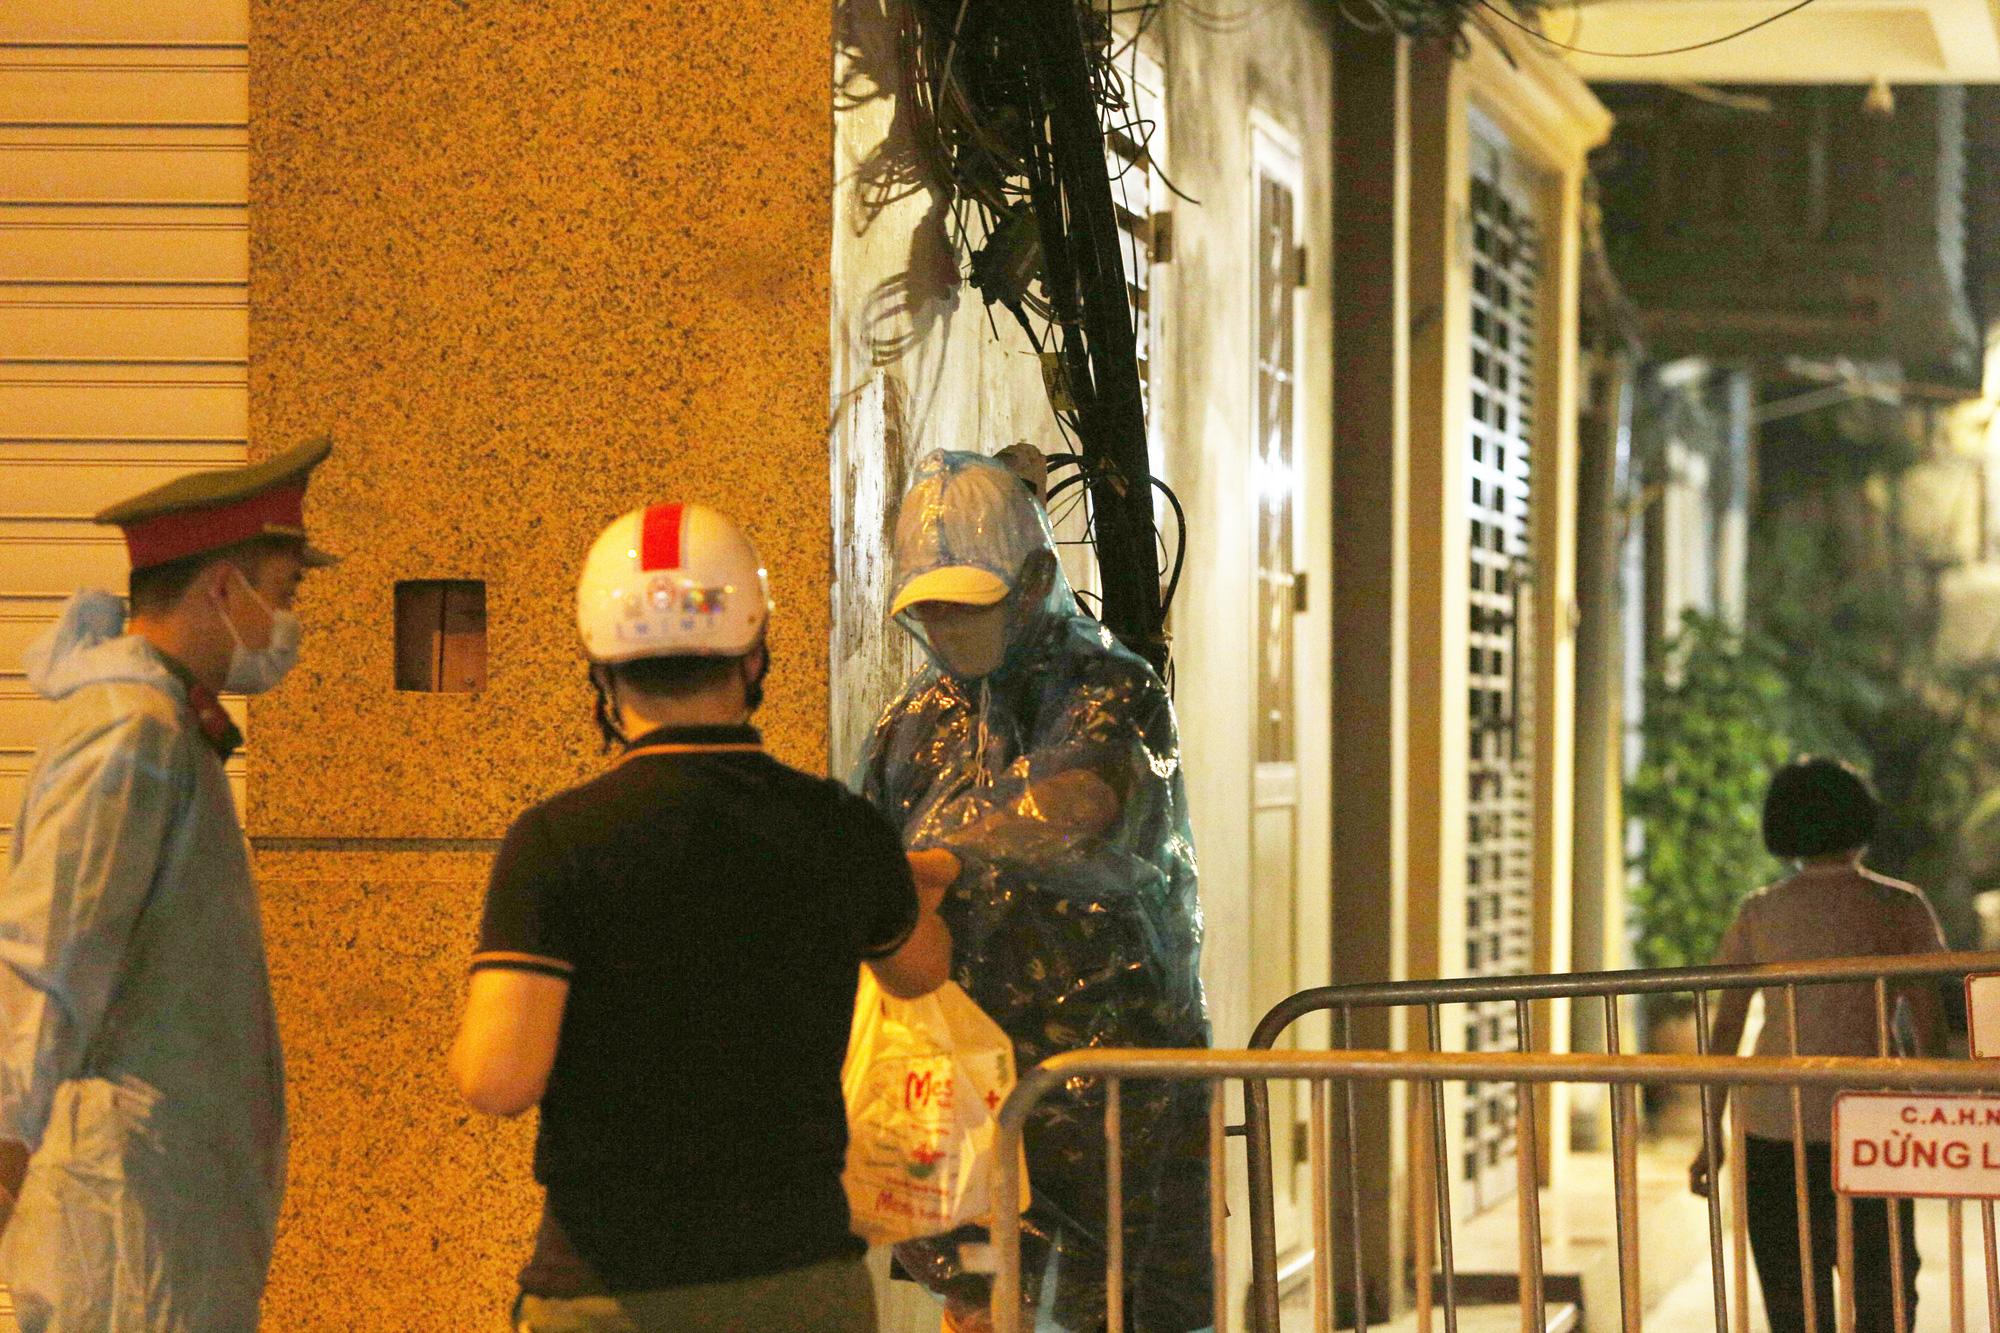 Phong toả ngõ trên phố Bùi Thị Xuân sau nhân viên quán bar Sunny nhiễm Covid-19 - Ảnh 4.